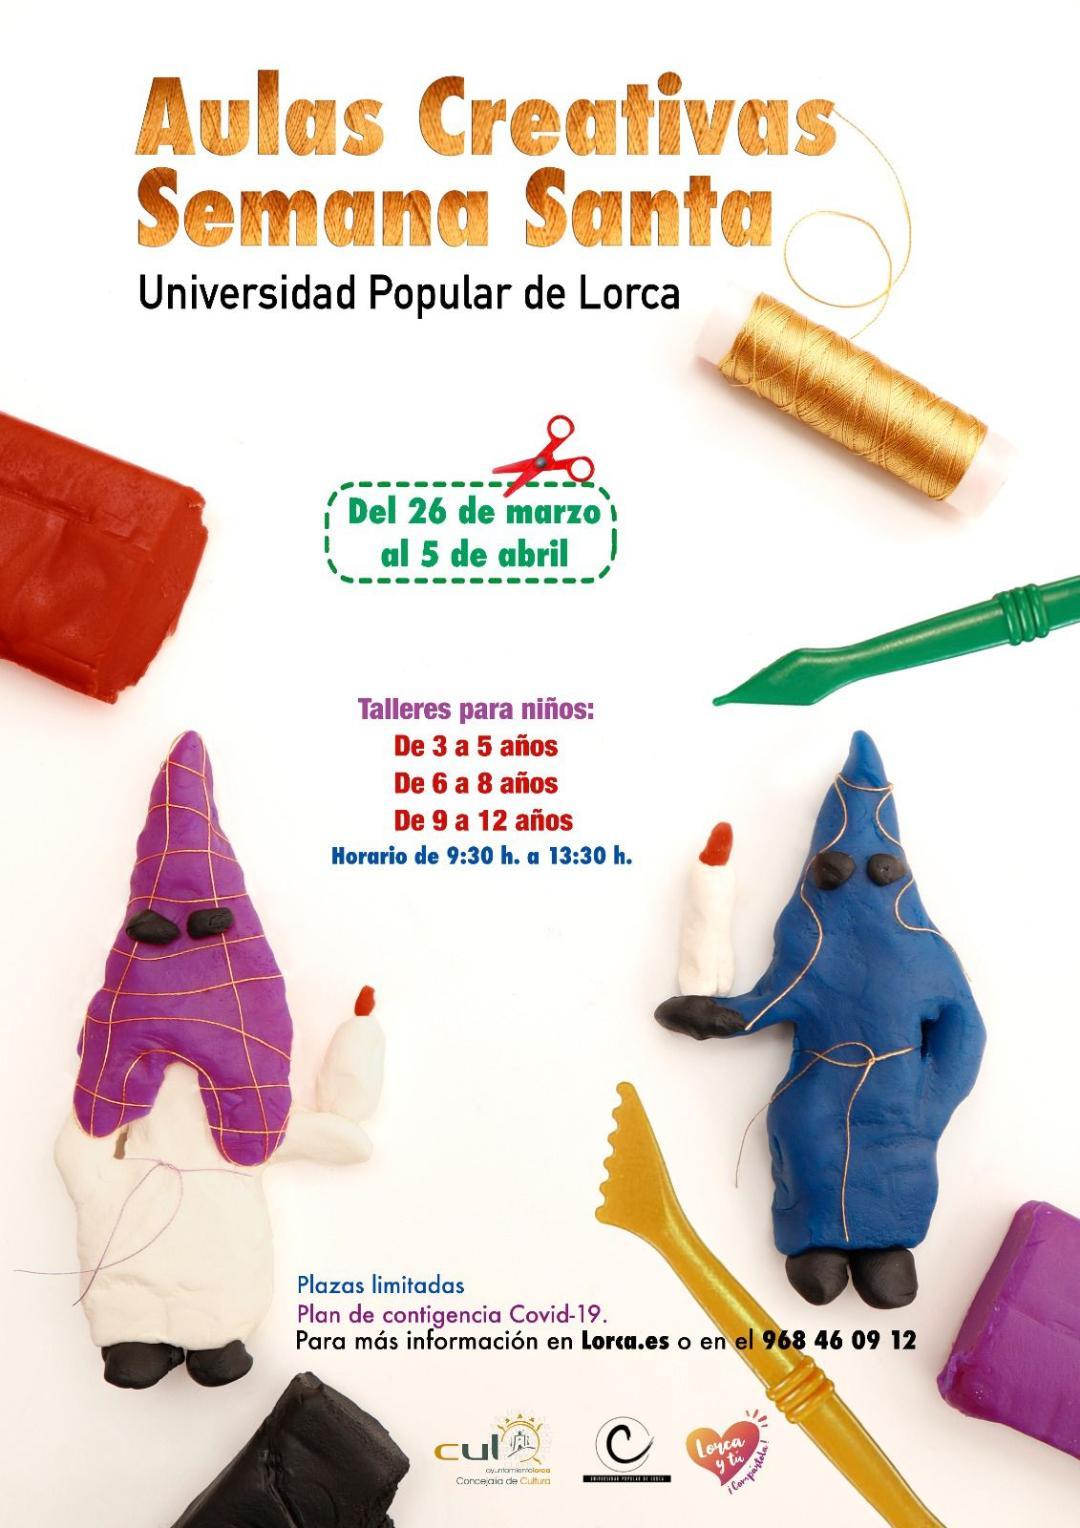 La Universidad Popular pone en marcha una nueva edición del programa 'Aulas Creativas de Semana Santa' para niños y niñas de entre 3 y 11 años